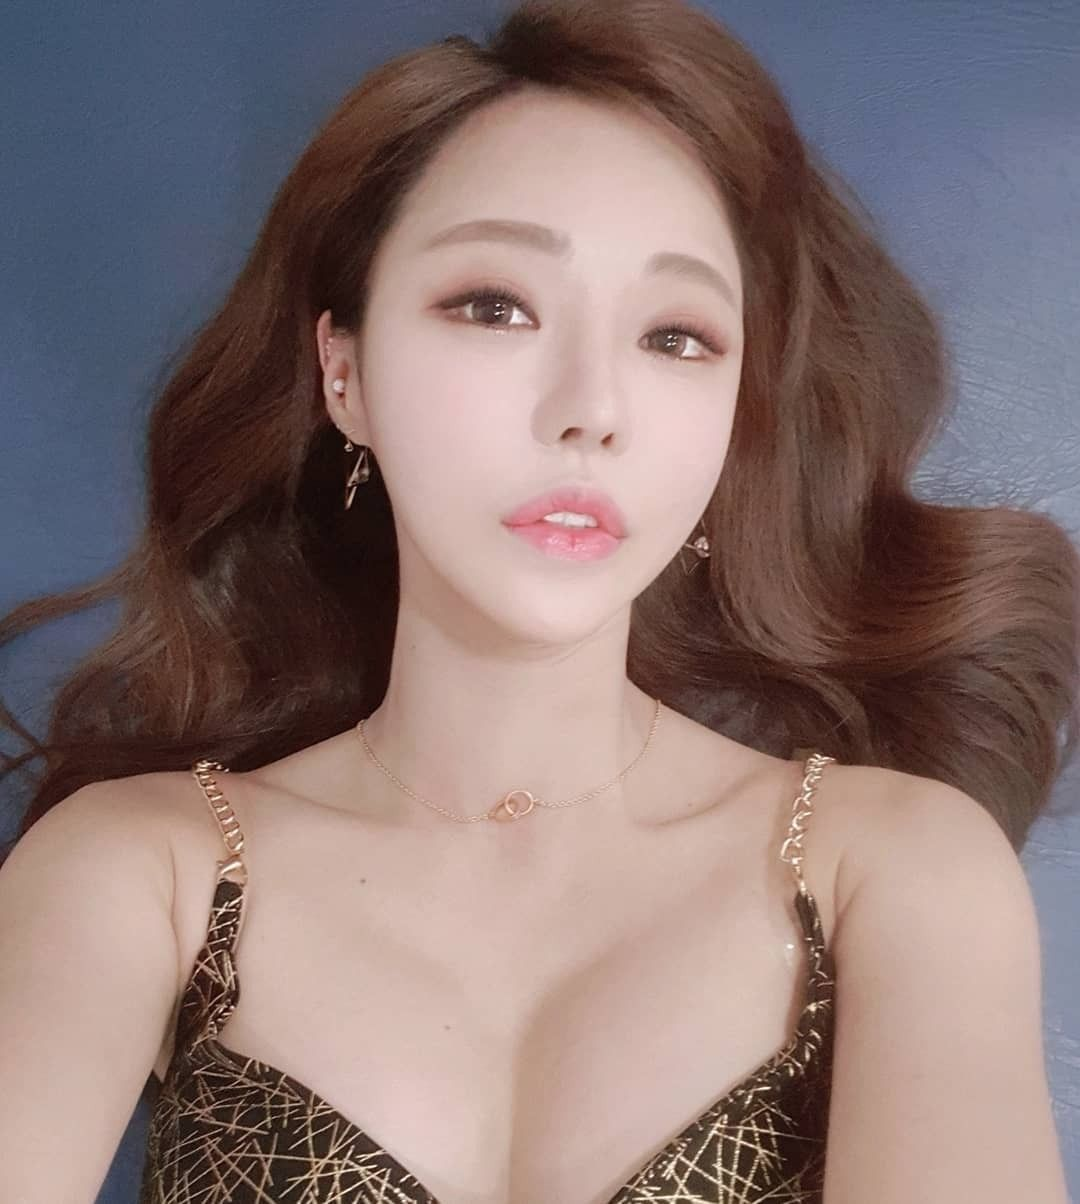 Pin on Seo Jin Ah